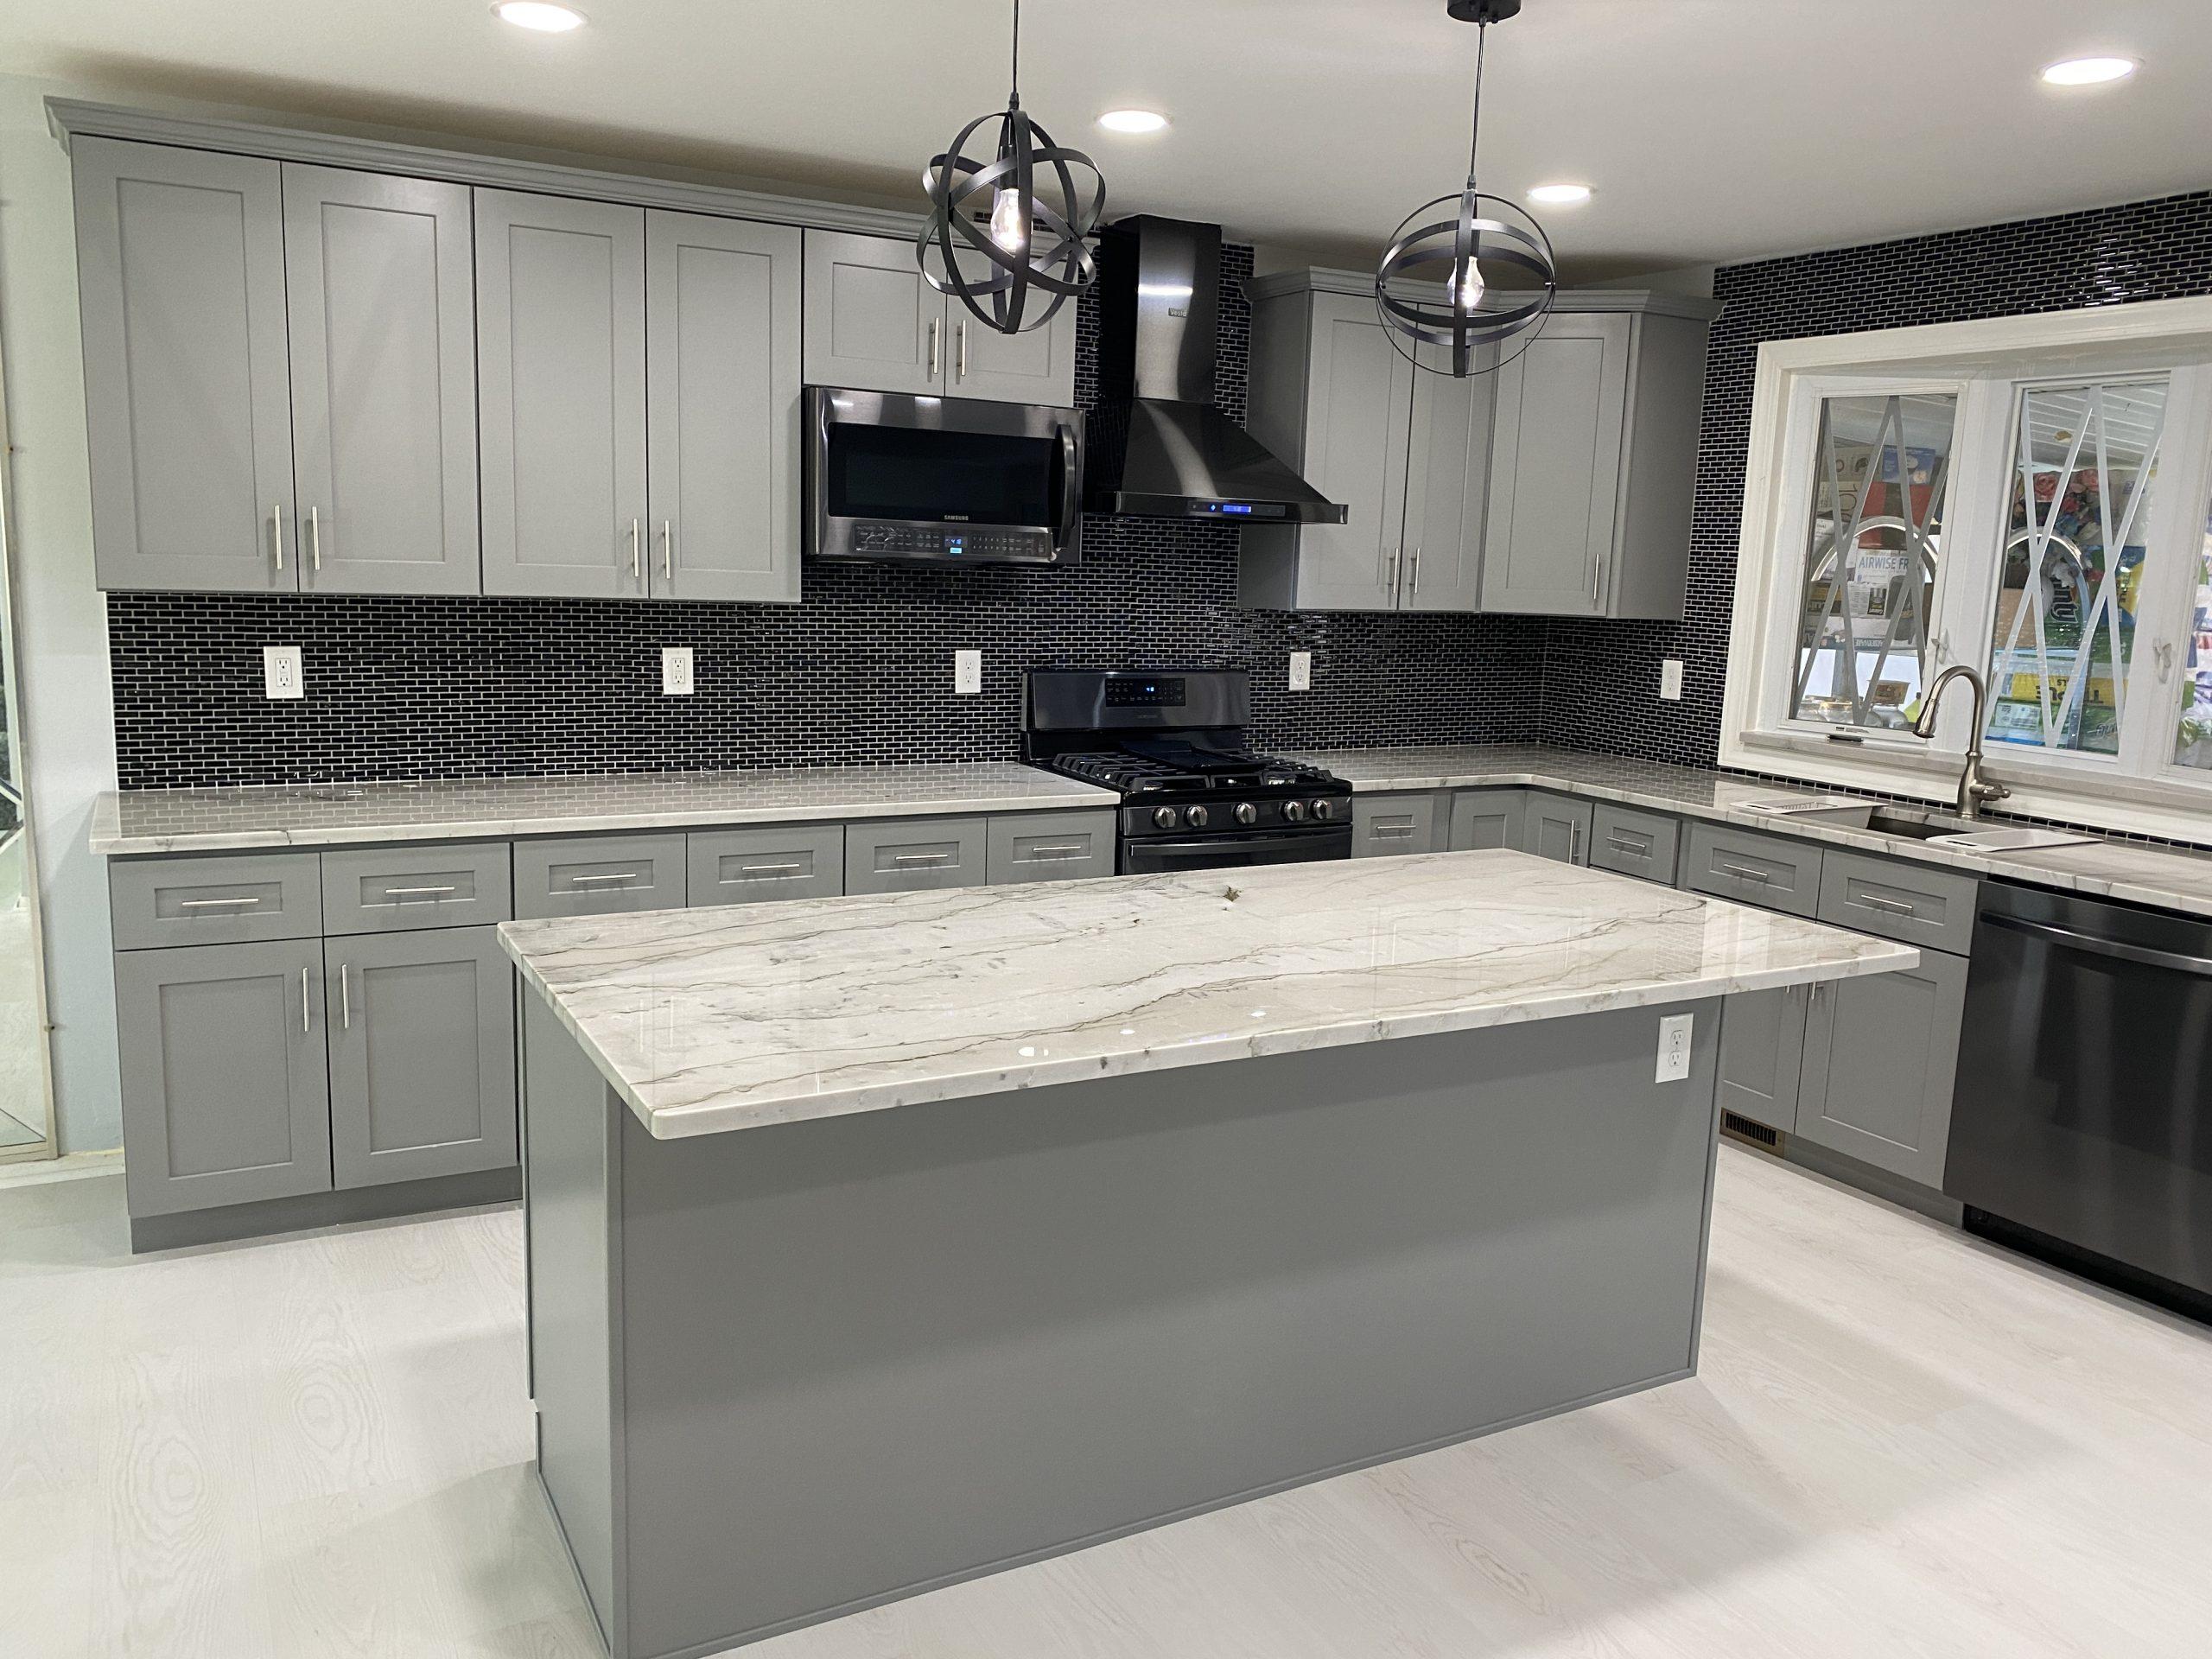 7 Kitchen Design Ideas in Havertown, PA